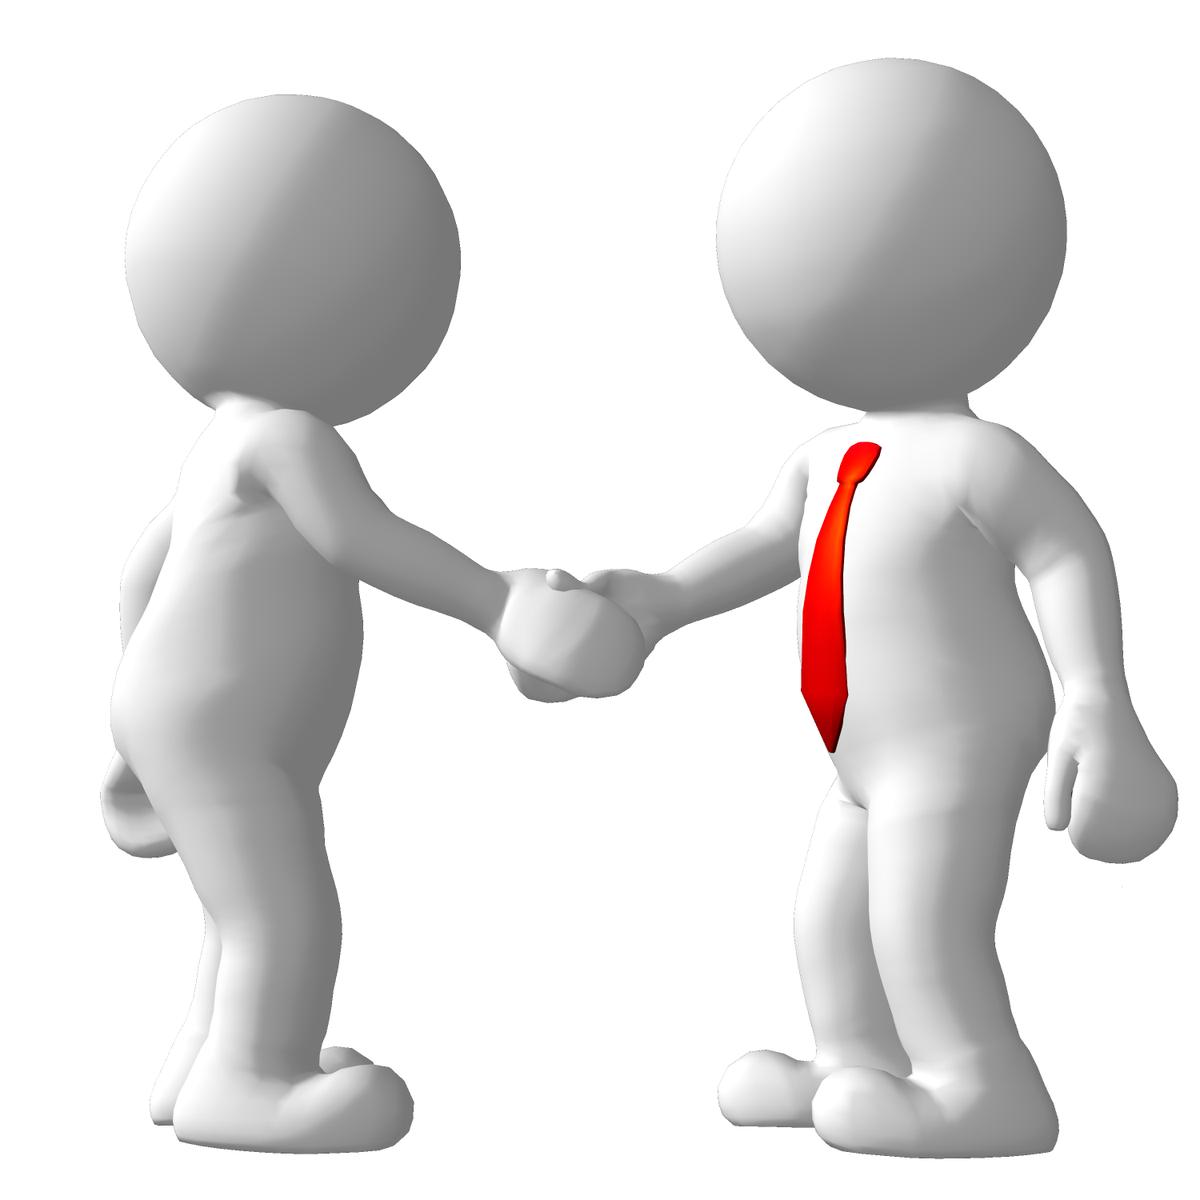 Nicky moffatt nmoffatt twitter. Handshake clipart joint venture